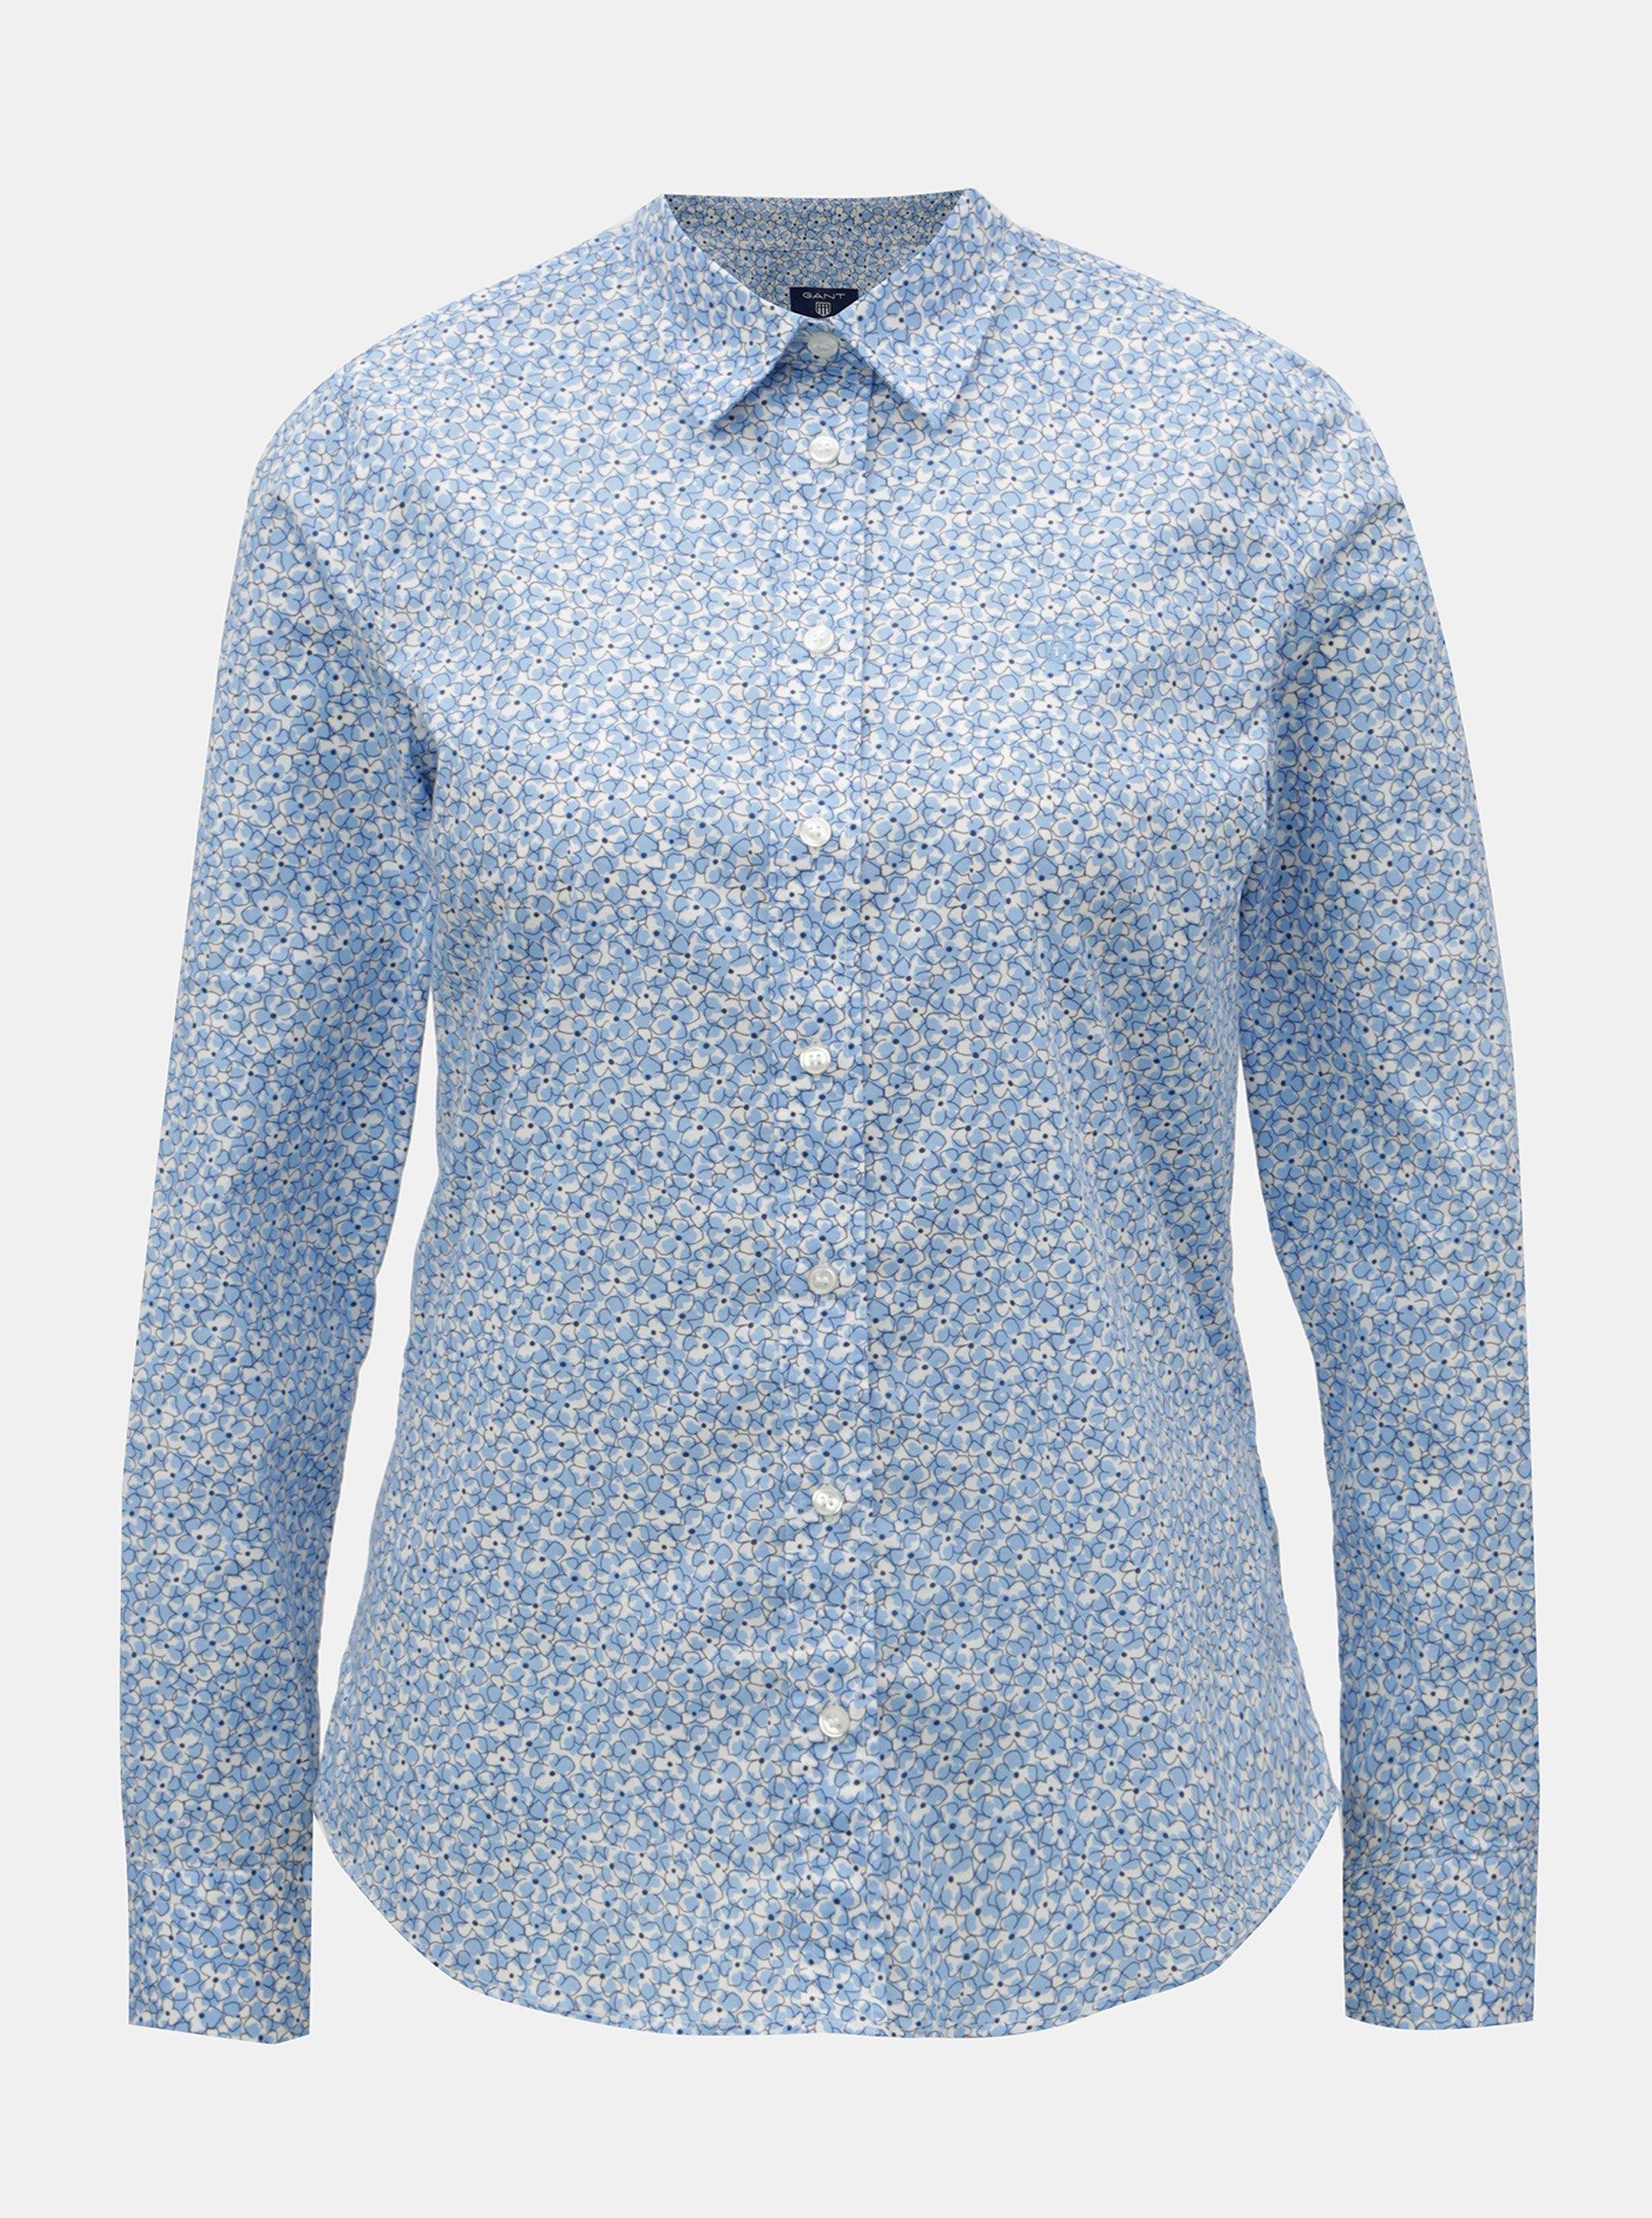 813f2081e4c Světle modrá dámská květovaná košile GANT - Dámské košile